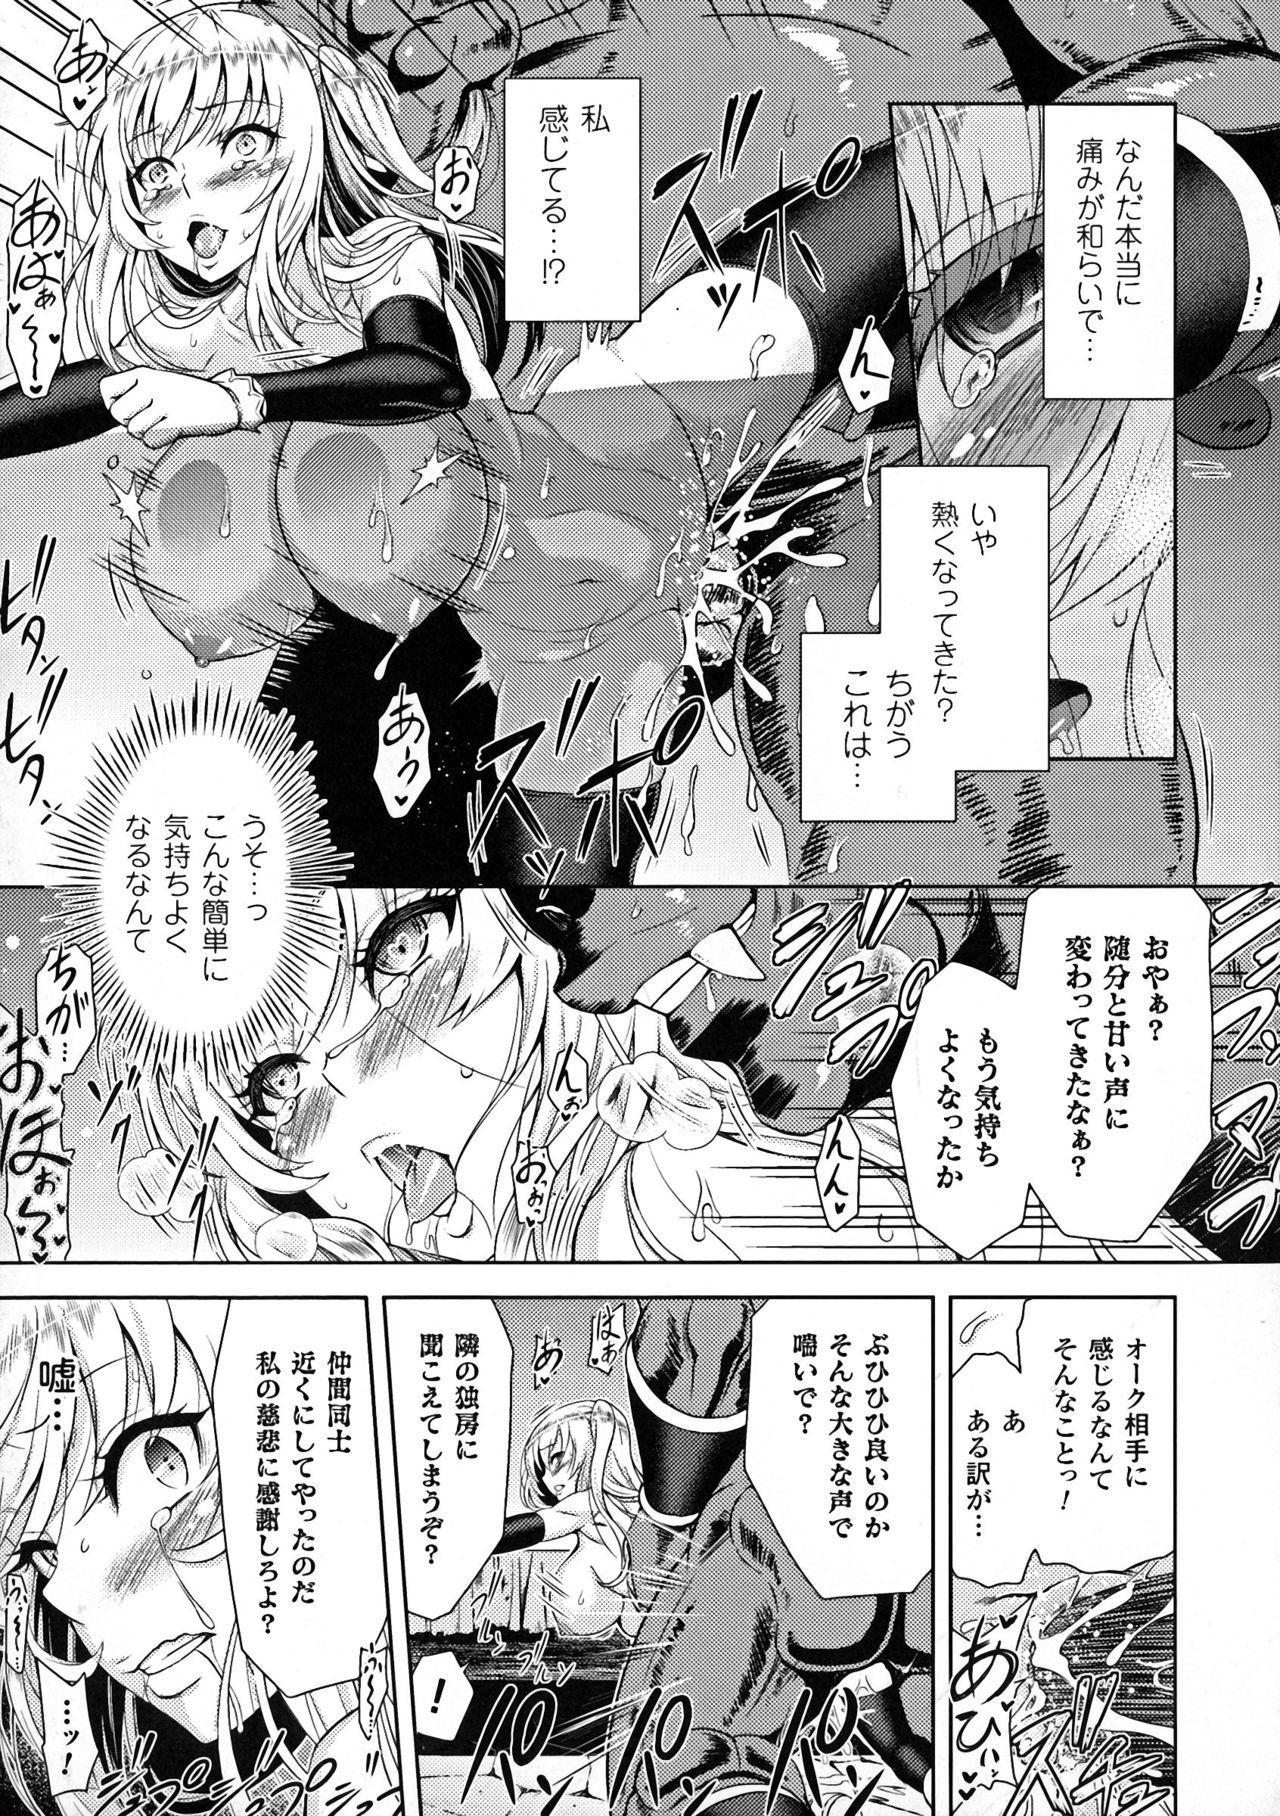 ERONA Orc no Inmon ni Okasareta Onna Kishi no Matsuro 18